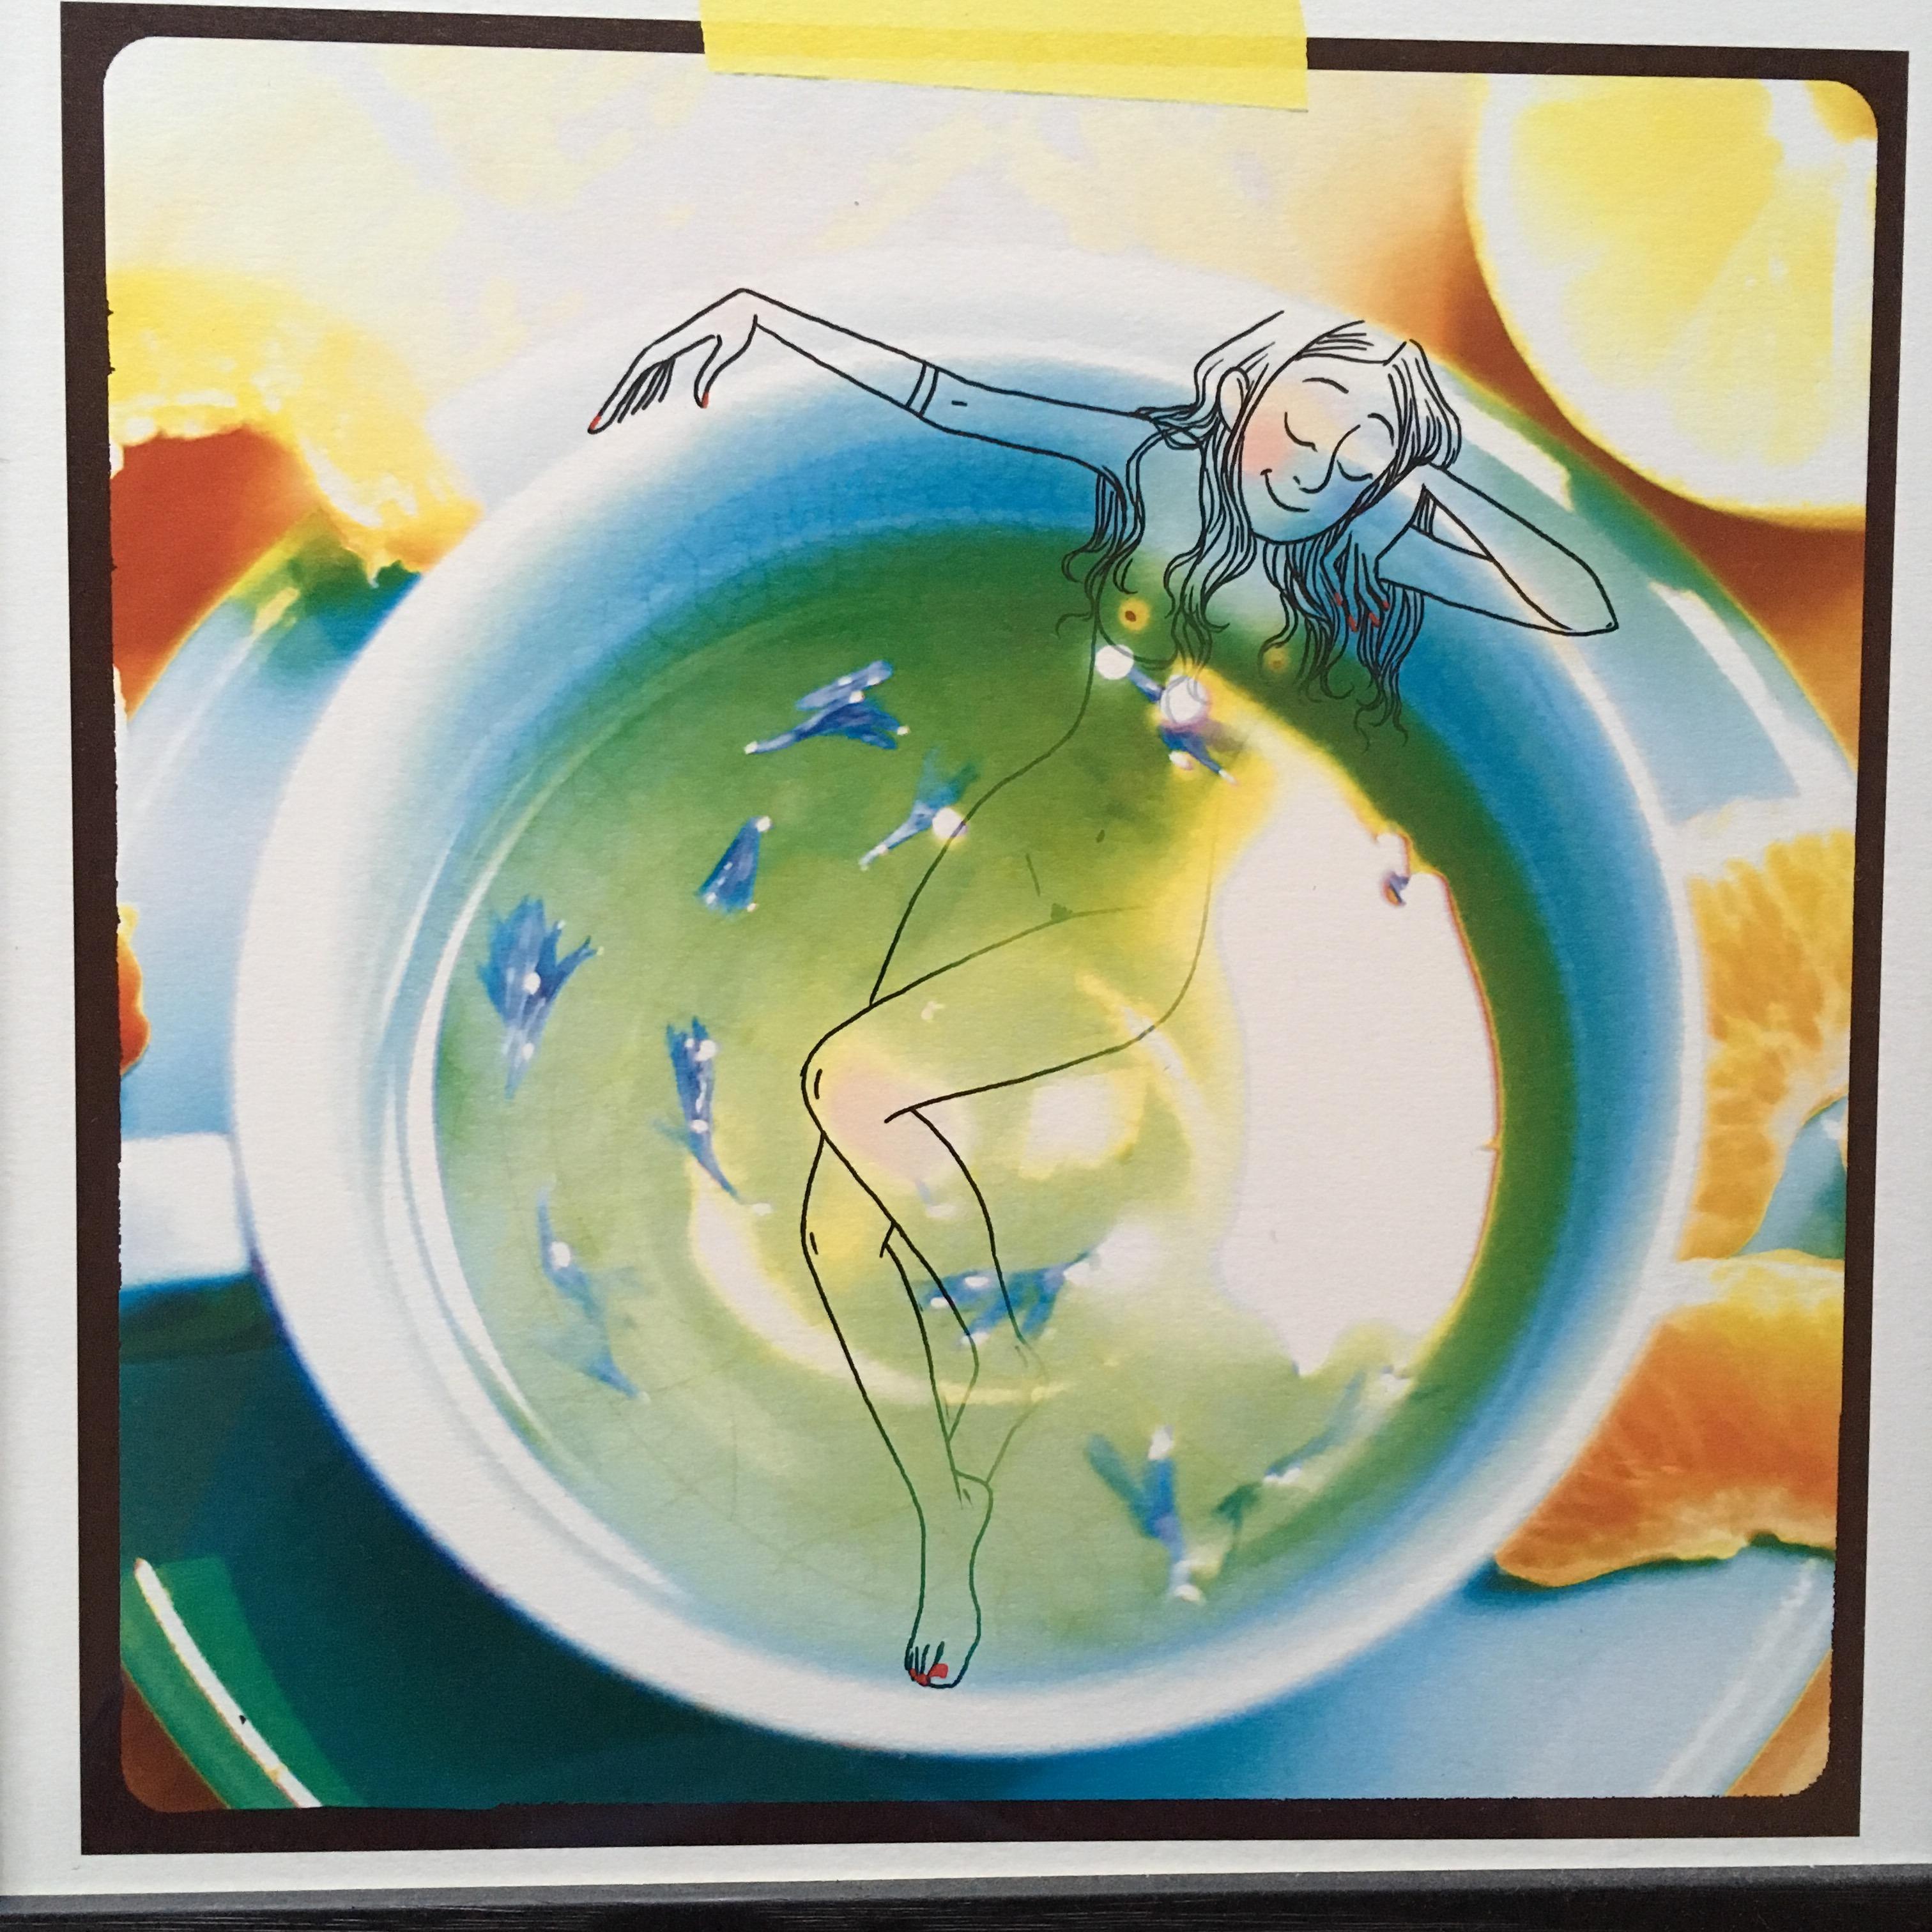 La terre est bleue comme une orange par Margaux Motin - Illustration